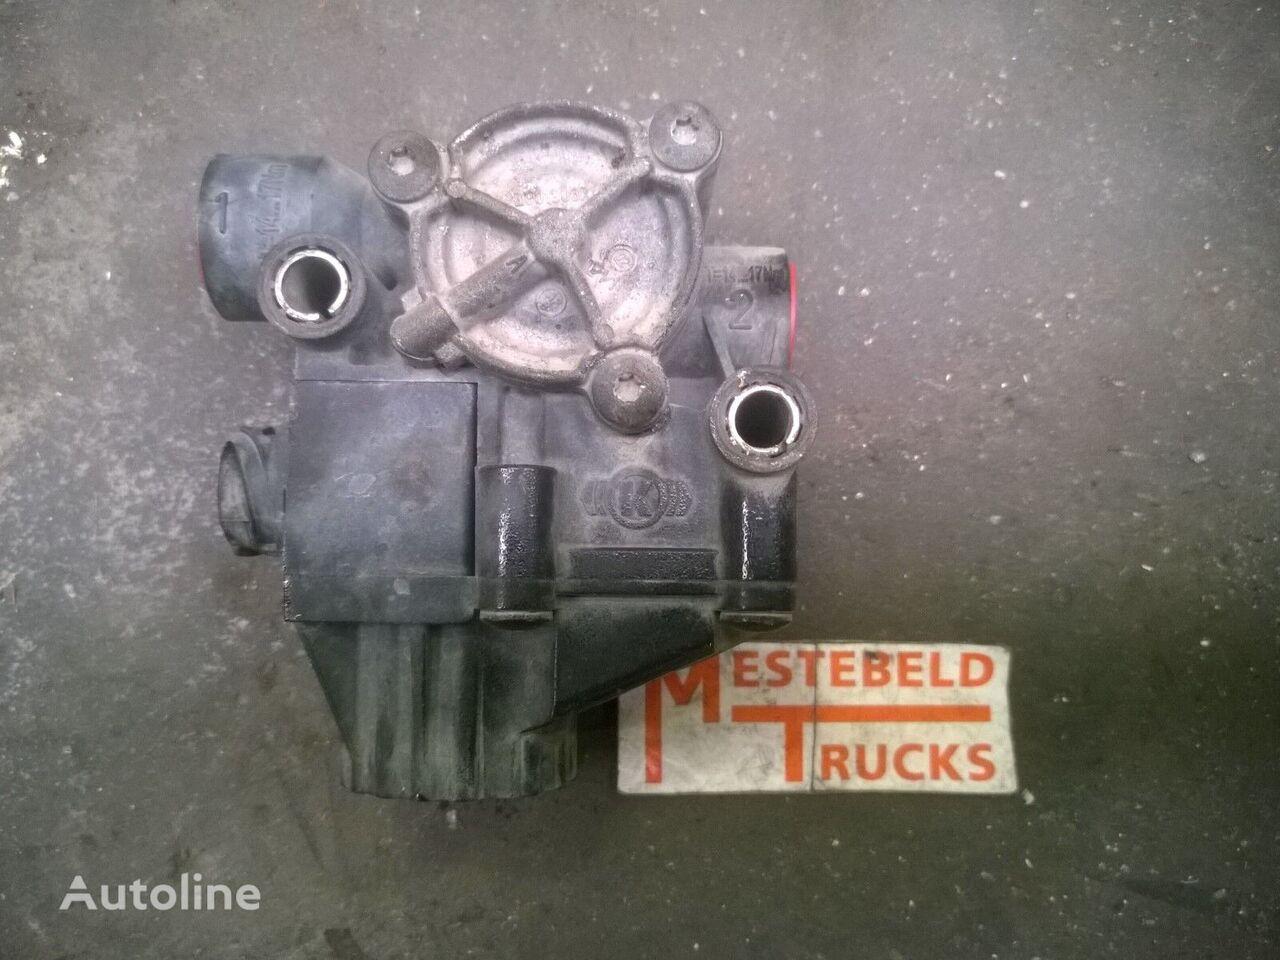 клапан  ABS magneetventiel для грузовика MAN ABS magneetventiel L2000